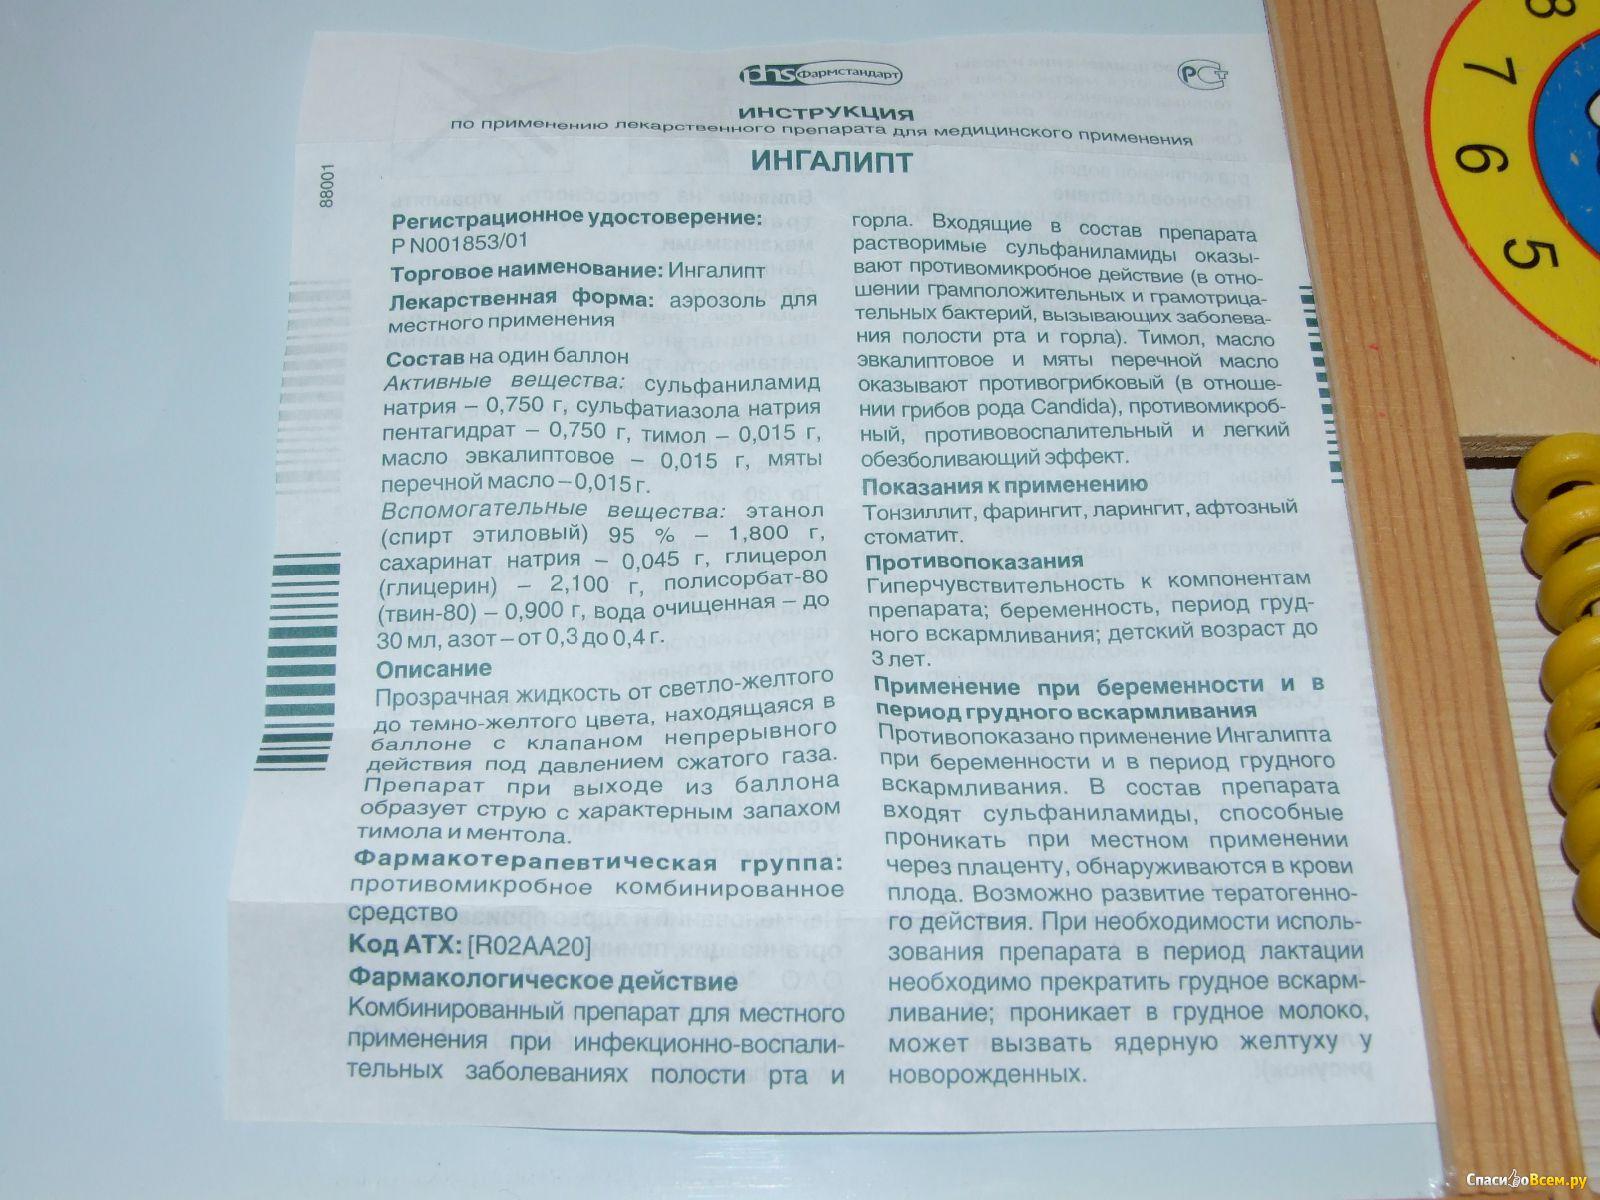 Ингалипт инструкция по применению беременным 85